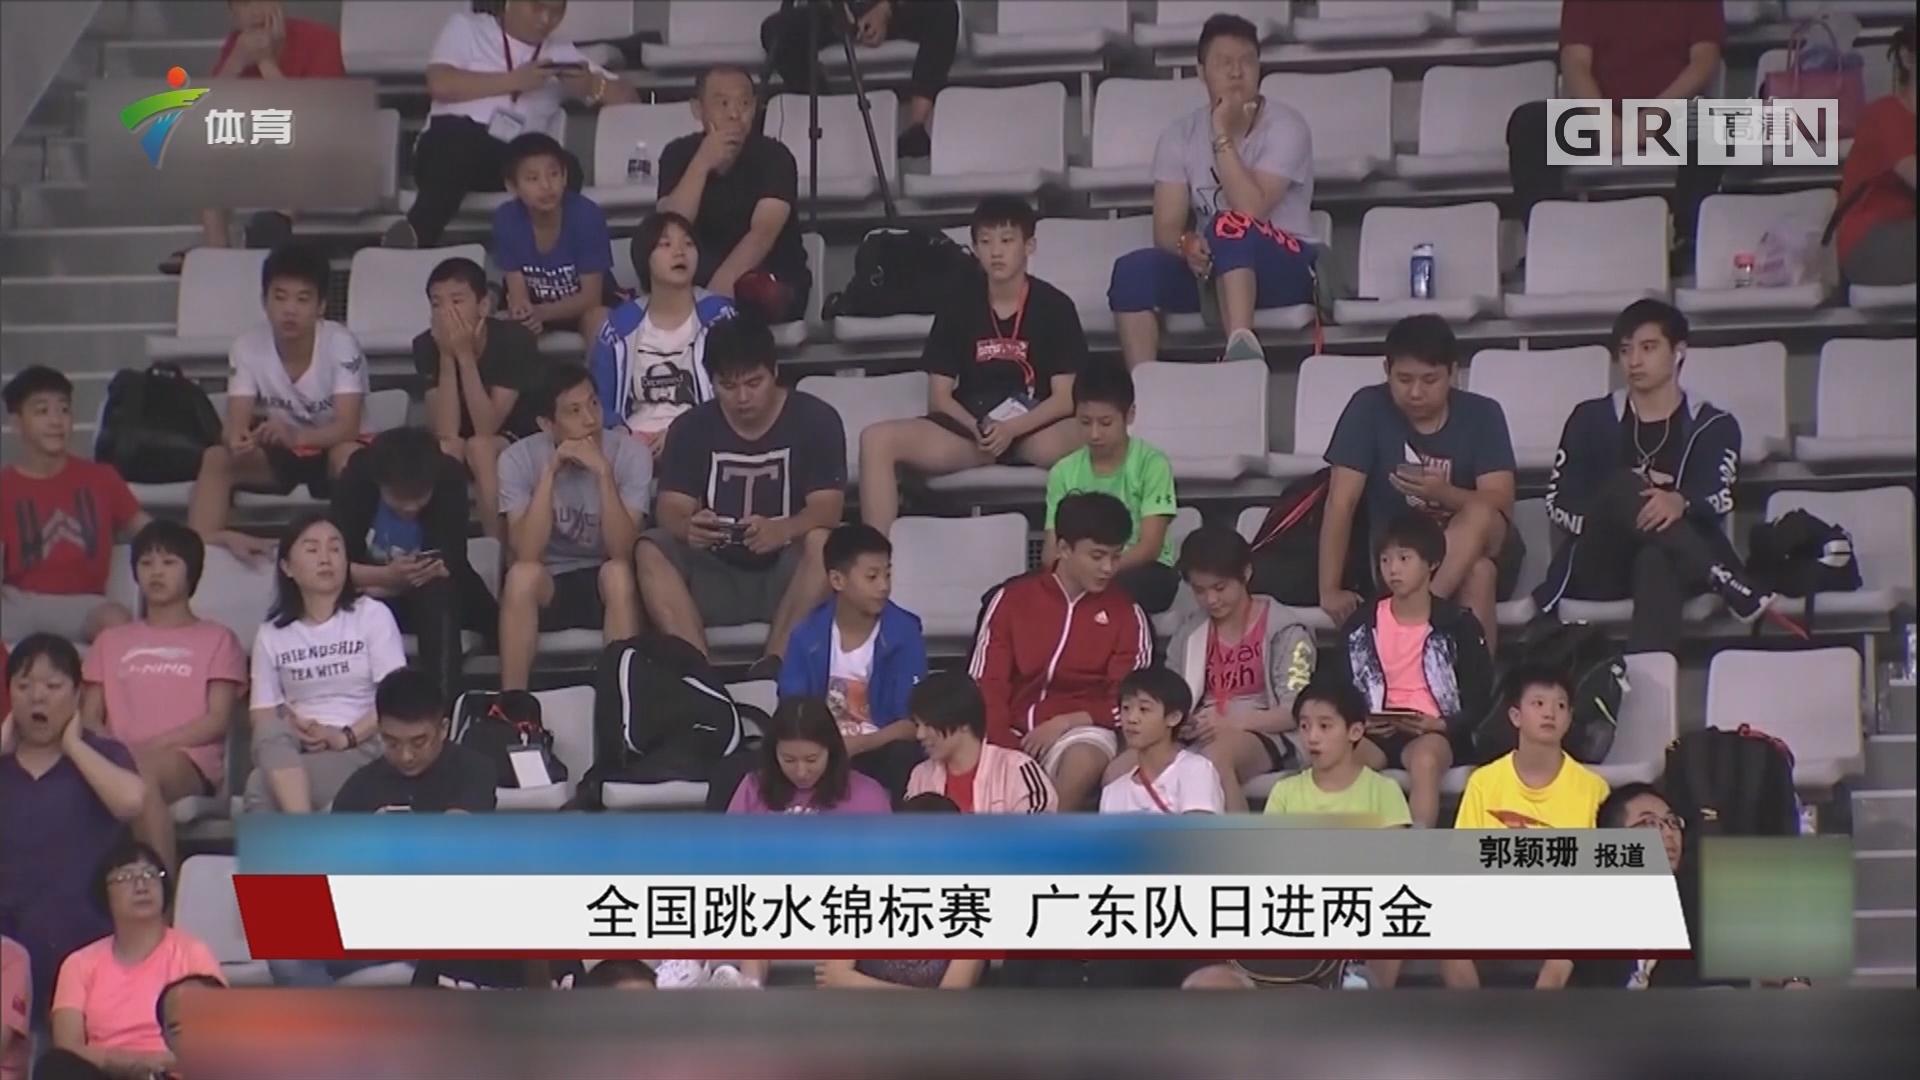 全國跳水錦標賽 廣東隊日進兩金